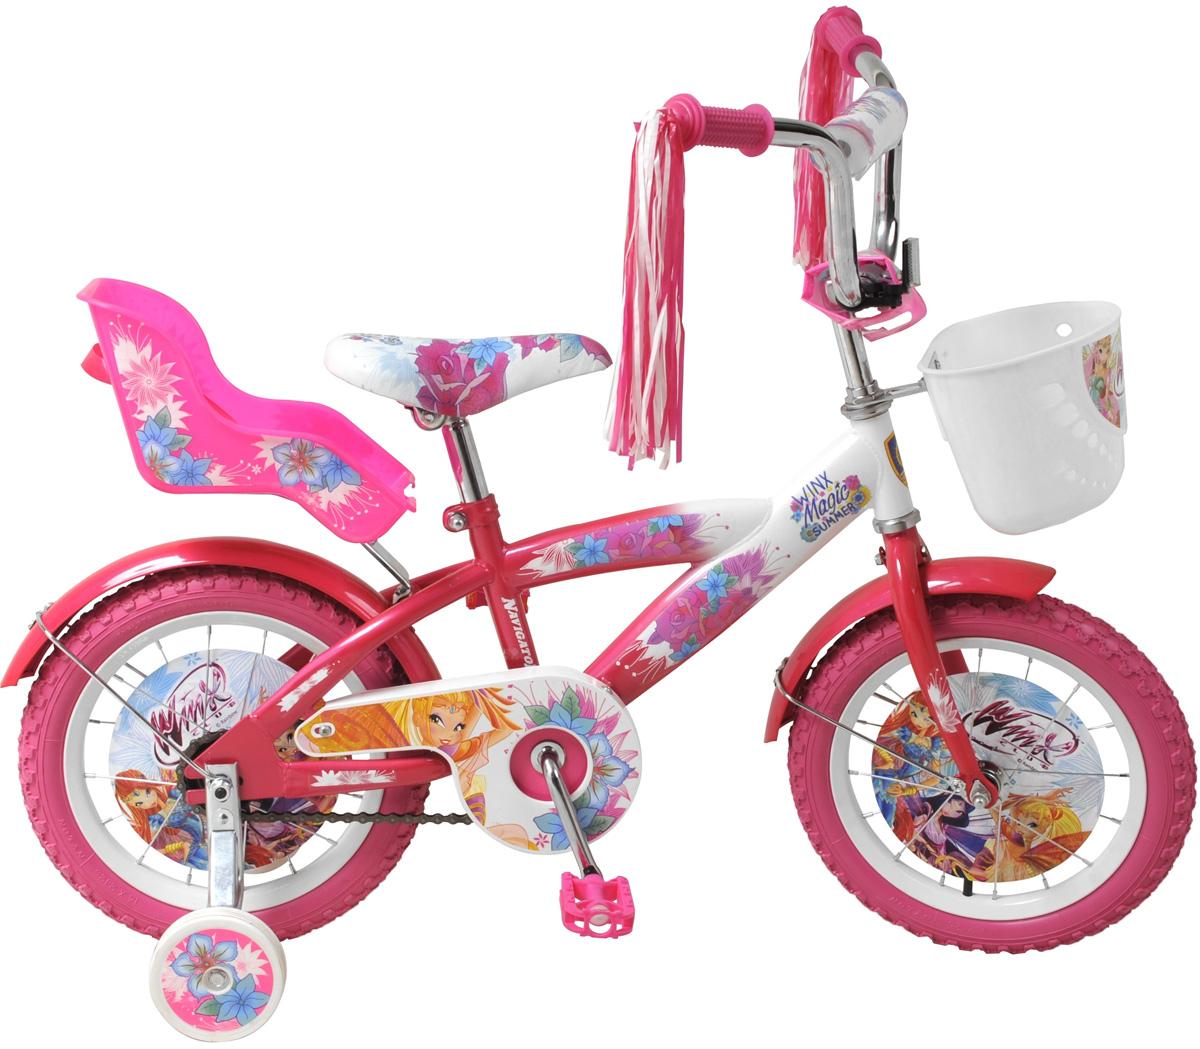 Navigator Велосипед детский двухколесный Winx PinkВН12074КК_розовыйДетский двухколесный велосипед Navigator Winx Pink обязательно понравится вашему ребенку и, несомненно, станет верным спутникам во всех его путешествиях.Для удобства эксплуатации велосипед имеет мягкую накладку на руль, а также удобную переднюю корзинку для мелочей и задний багажник.Для безопасной езды, велосипед оснащен двумя страховочными колесами. Предусмотрены и светоотражательные элементы. Ноги и одежда защищены от контакта с цепью специальной накладкой. Педали с рифленой поверхностью предотвращают скольжение ног.Ограничитель поворота руля предусмотрен для предотвращения падений ребенка из-за резкого поворота руля. Украшен велосипед изображениями героев популярного мультсериала Winx.При производстве велосипеда применяются новые технологии и жесткий контроль проверки качества комплектующих, сборки узлов и регулировки трансмиссии, что обеспечивает качество продукции на высоком уровне.Navigator Winx - это отличный способ дать вашему ребенку возможность чаще бывать на свежем воздухе, много двигаясь с пользой для здоровья.Какой велосипед выбрать? Статья OZON Гид